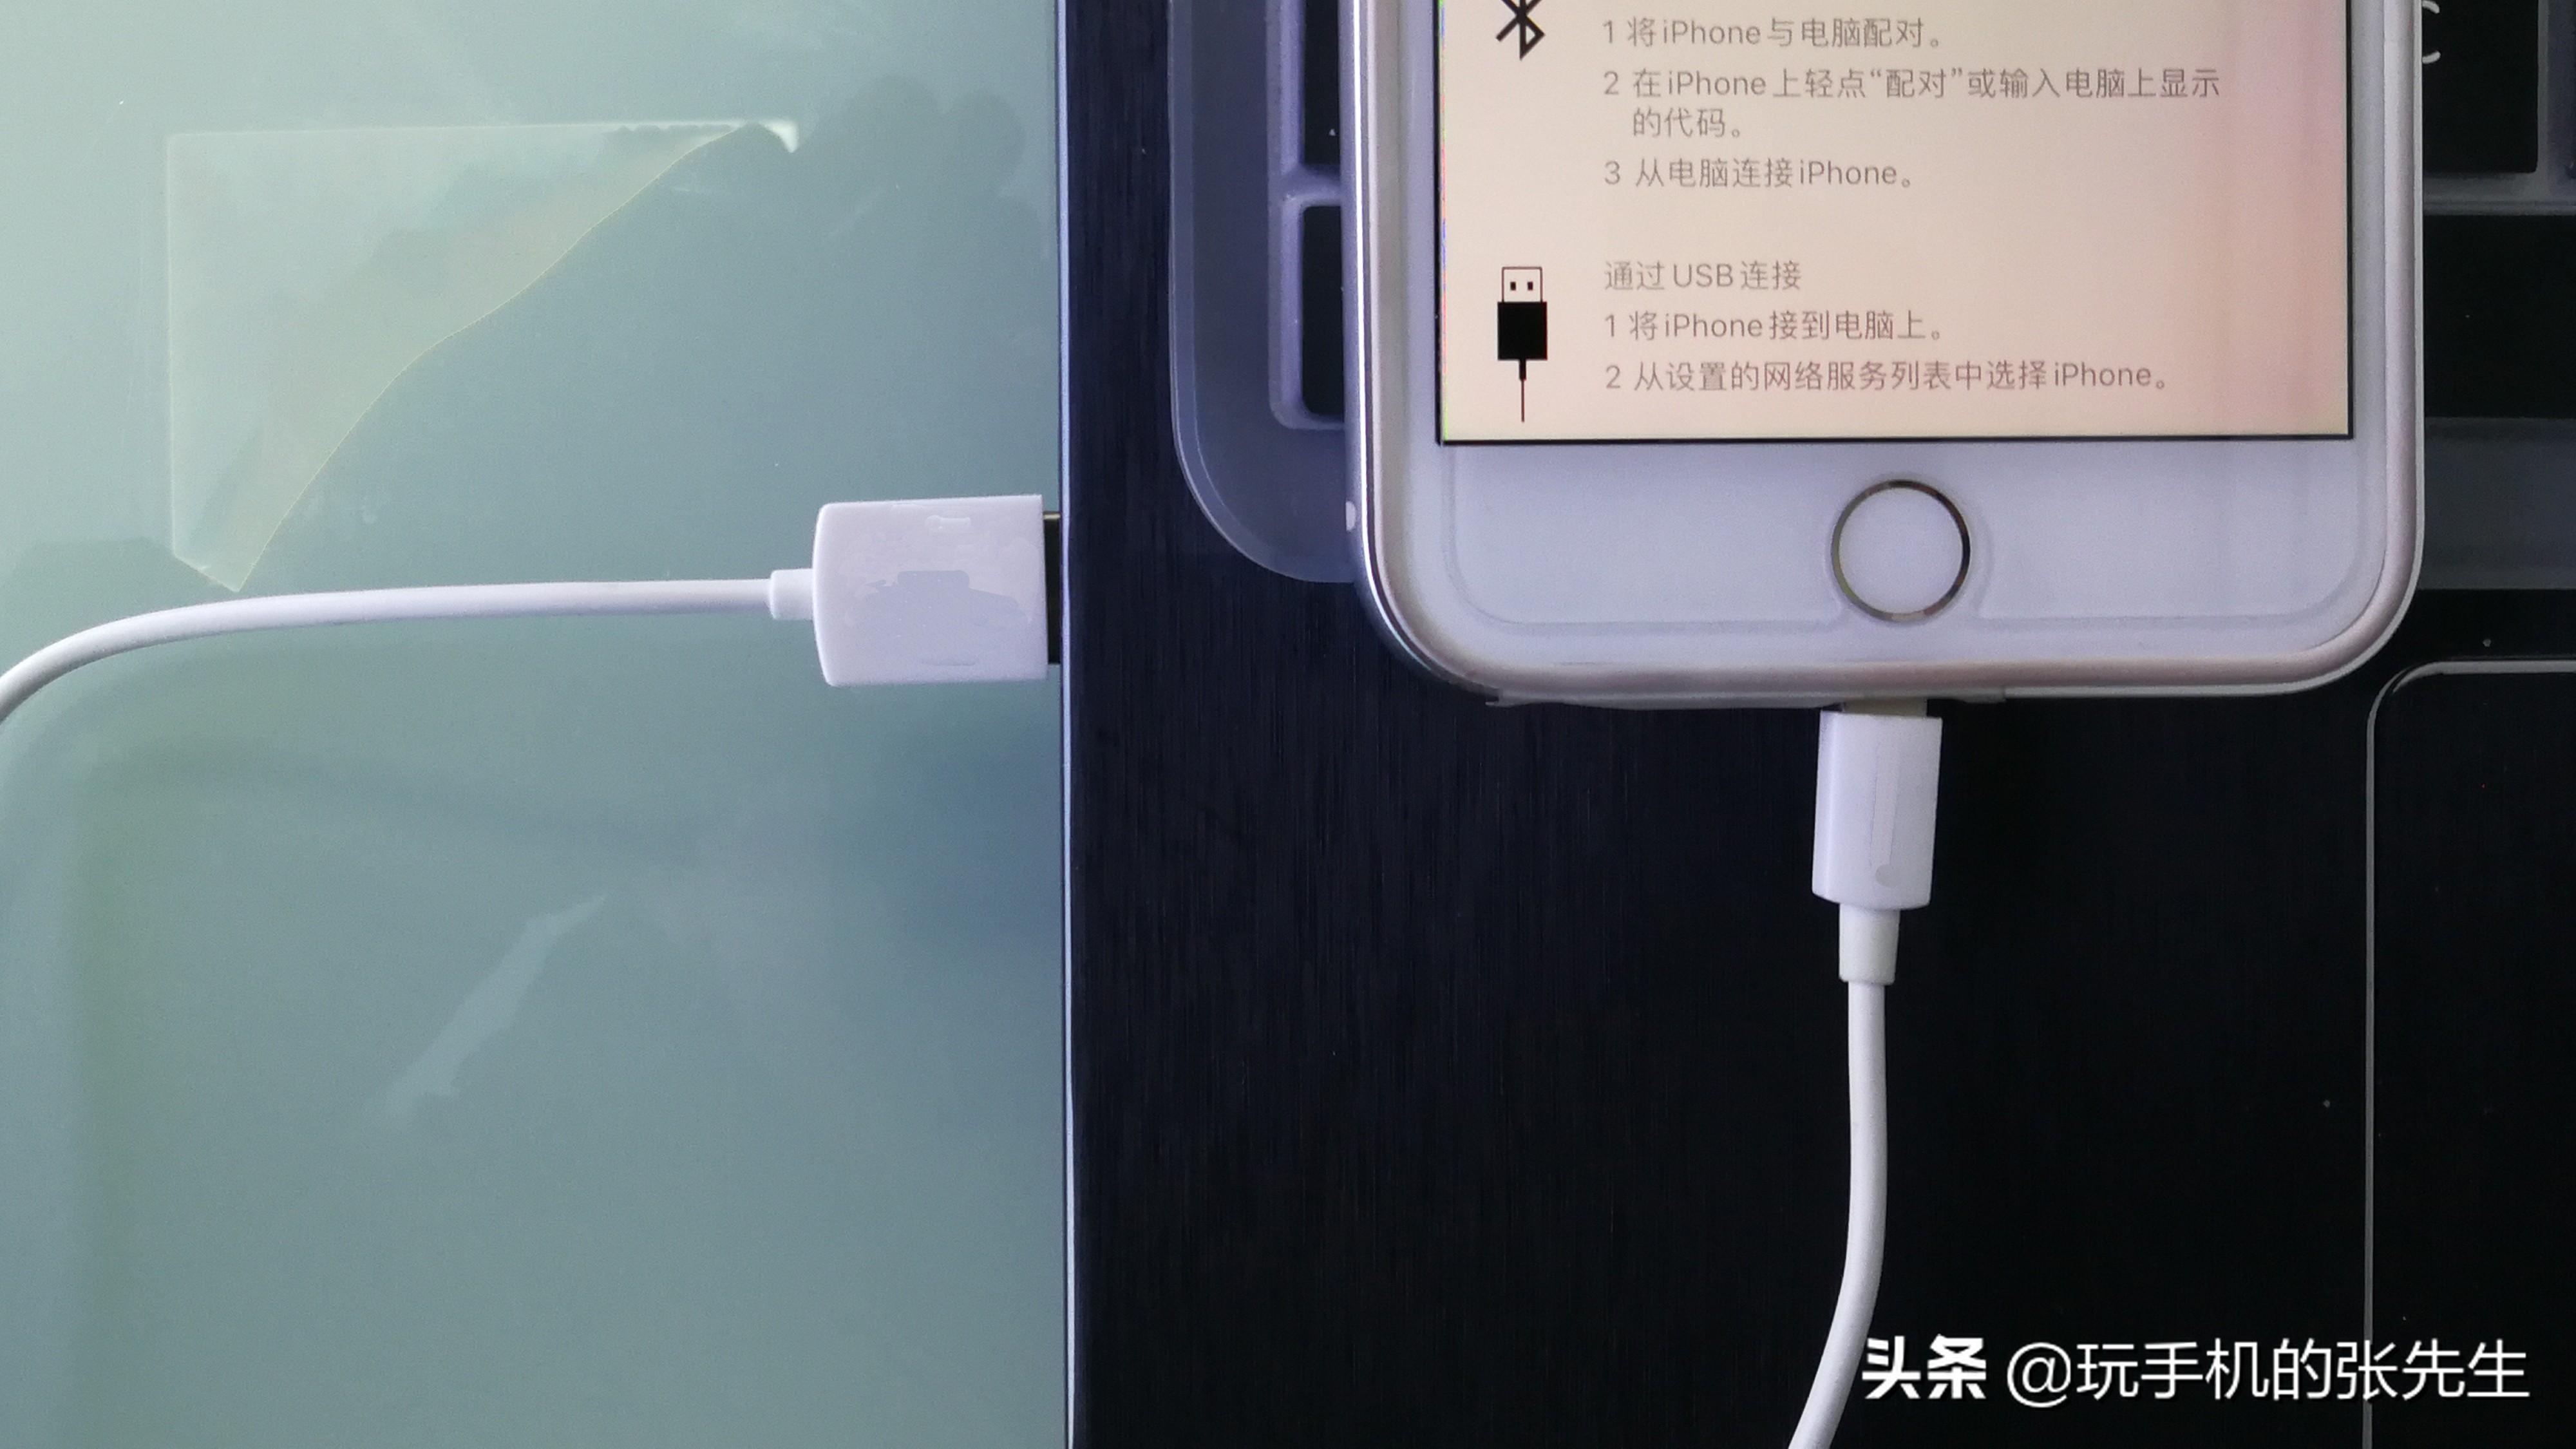 用电脑连接苹果手机热点的三种方法,你会哪一种?